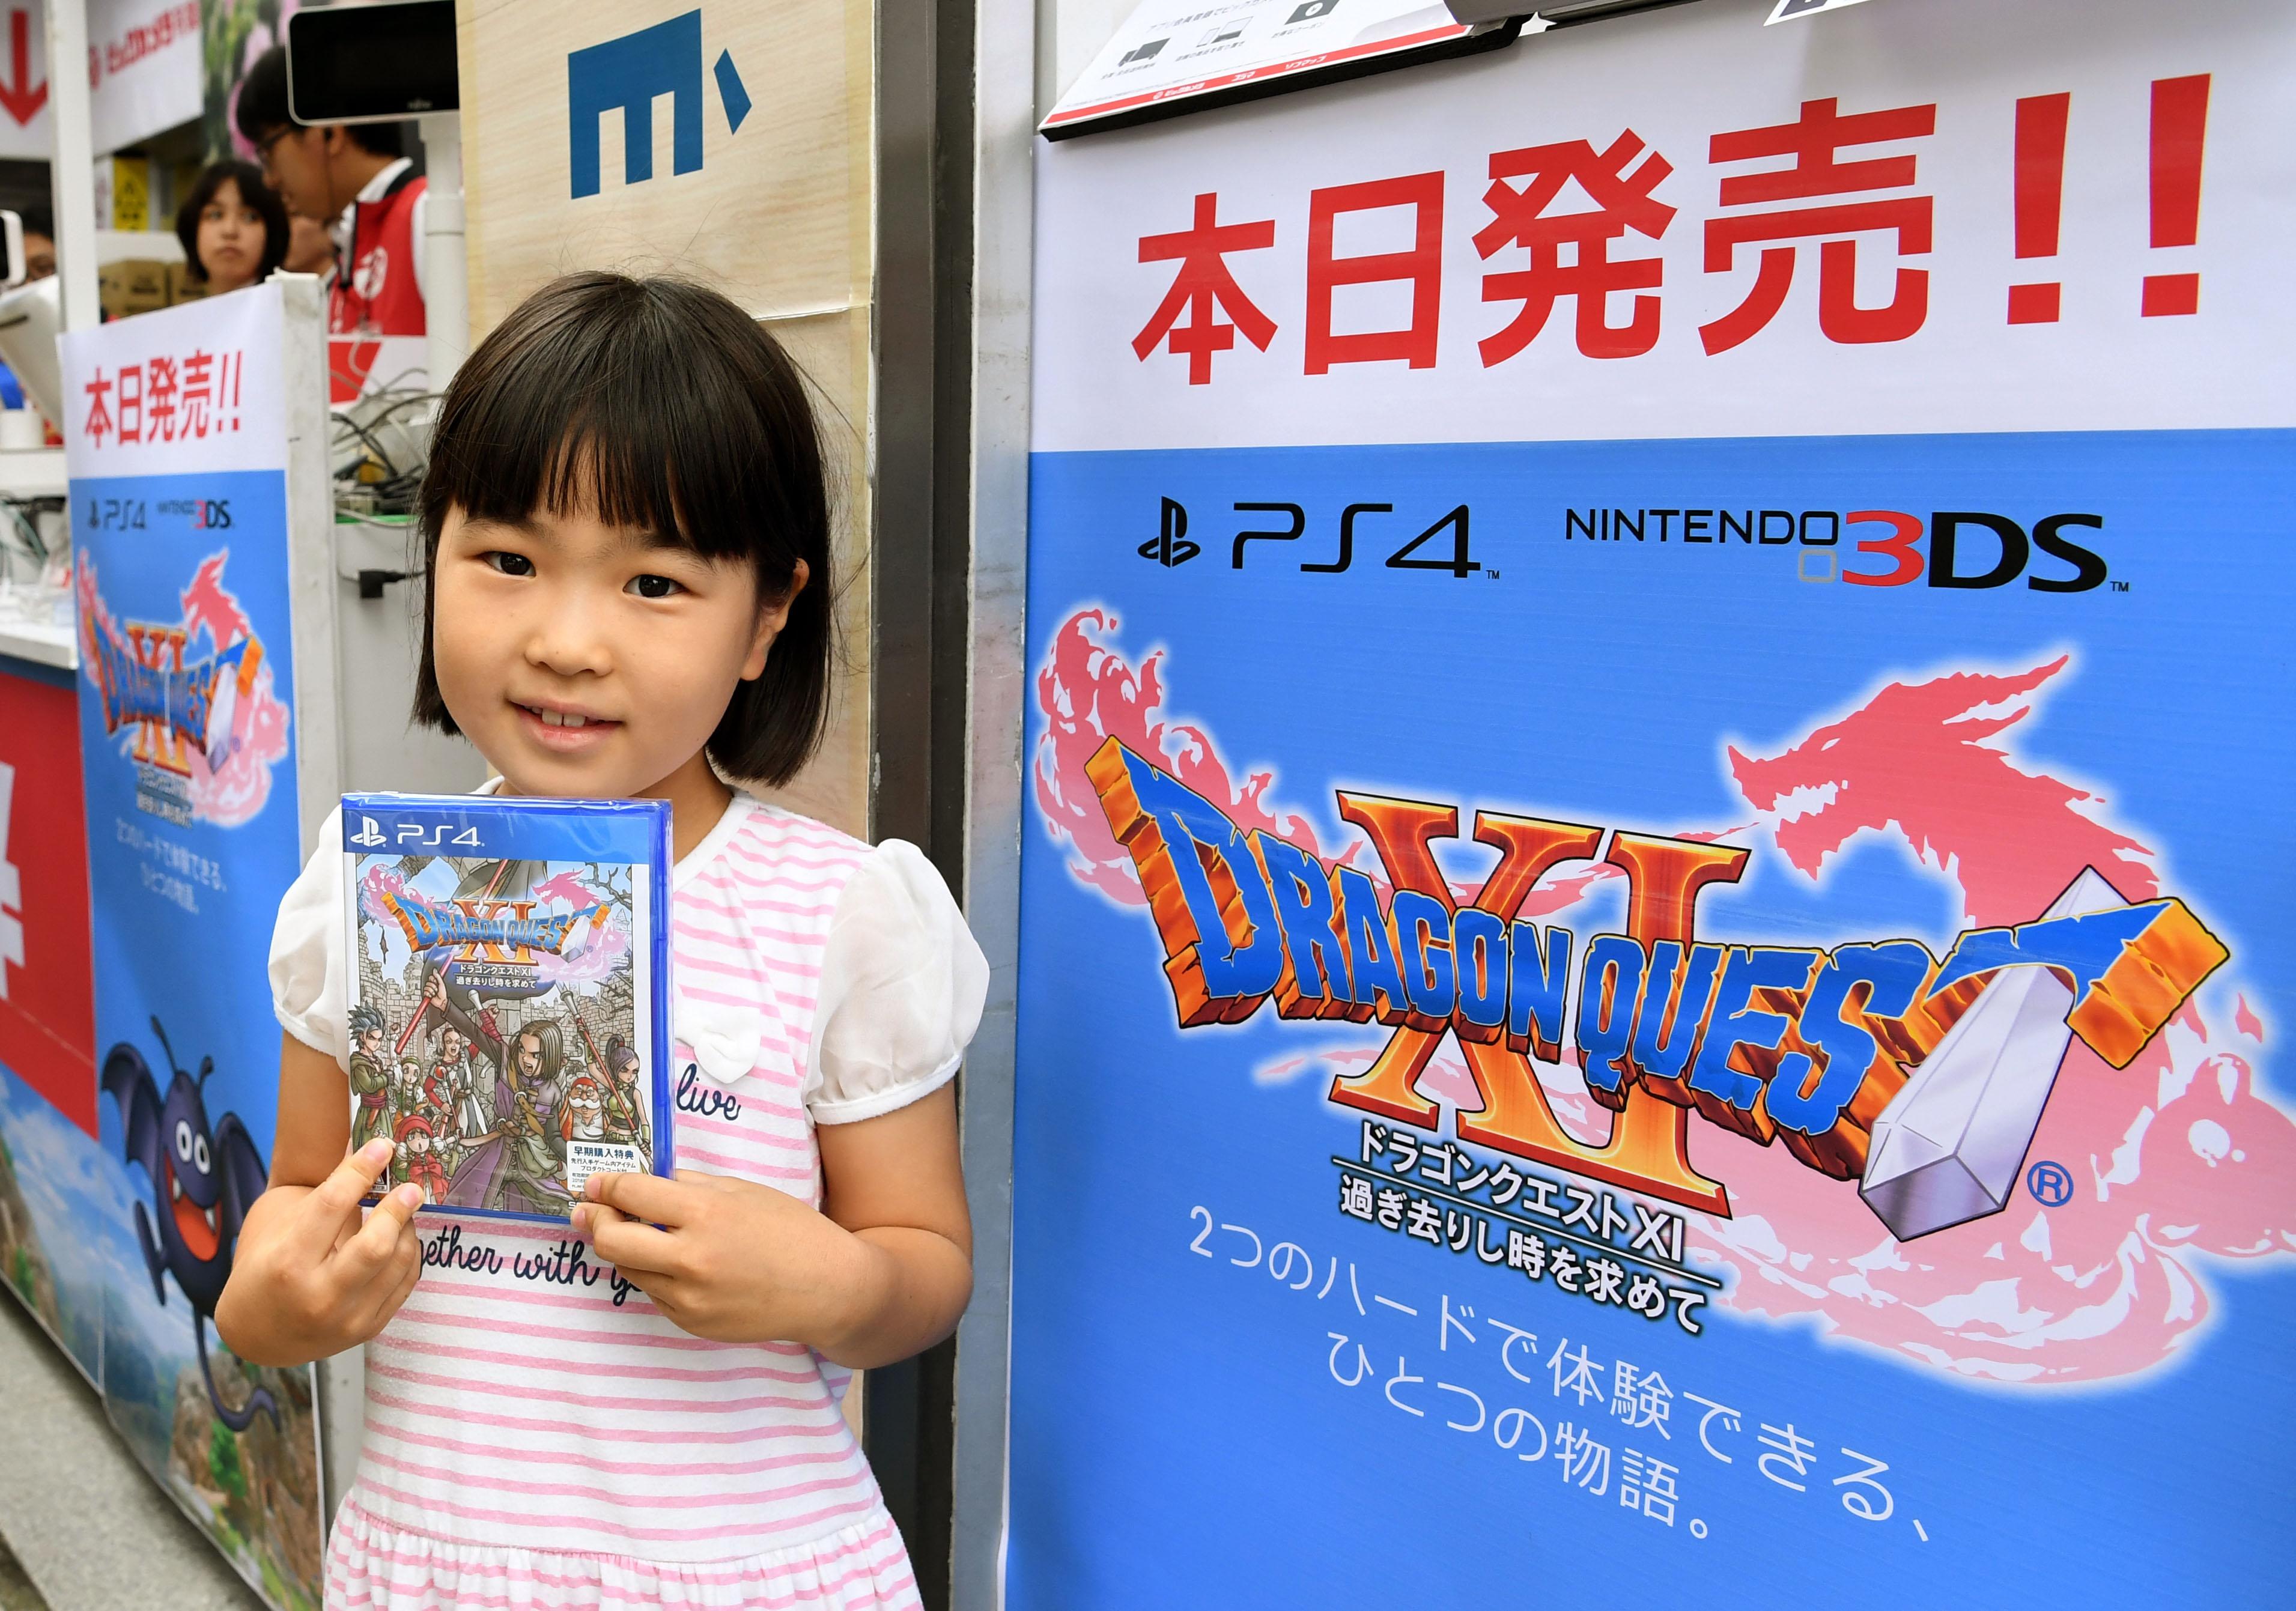 '드래곤 퀘스트 11'은 고전 RPG의 매력을 돌려주는 게임이다.